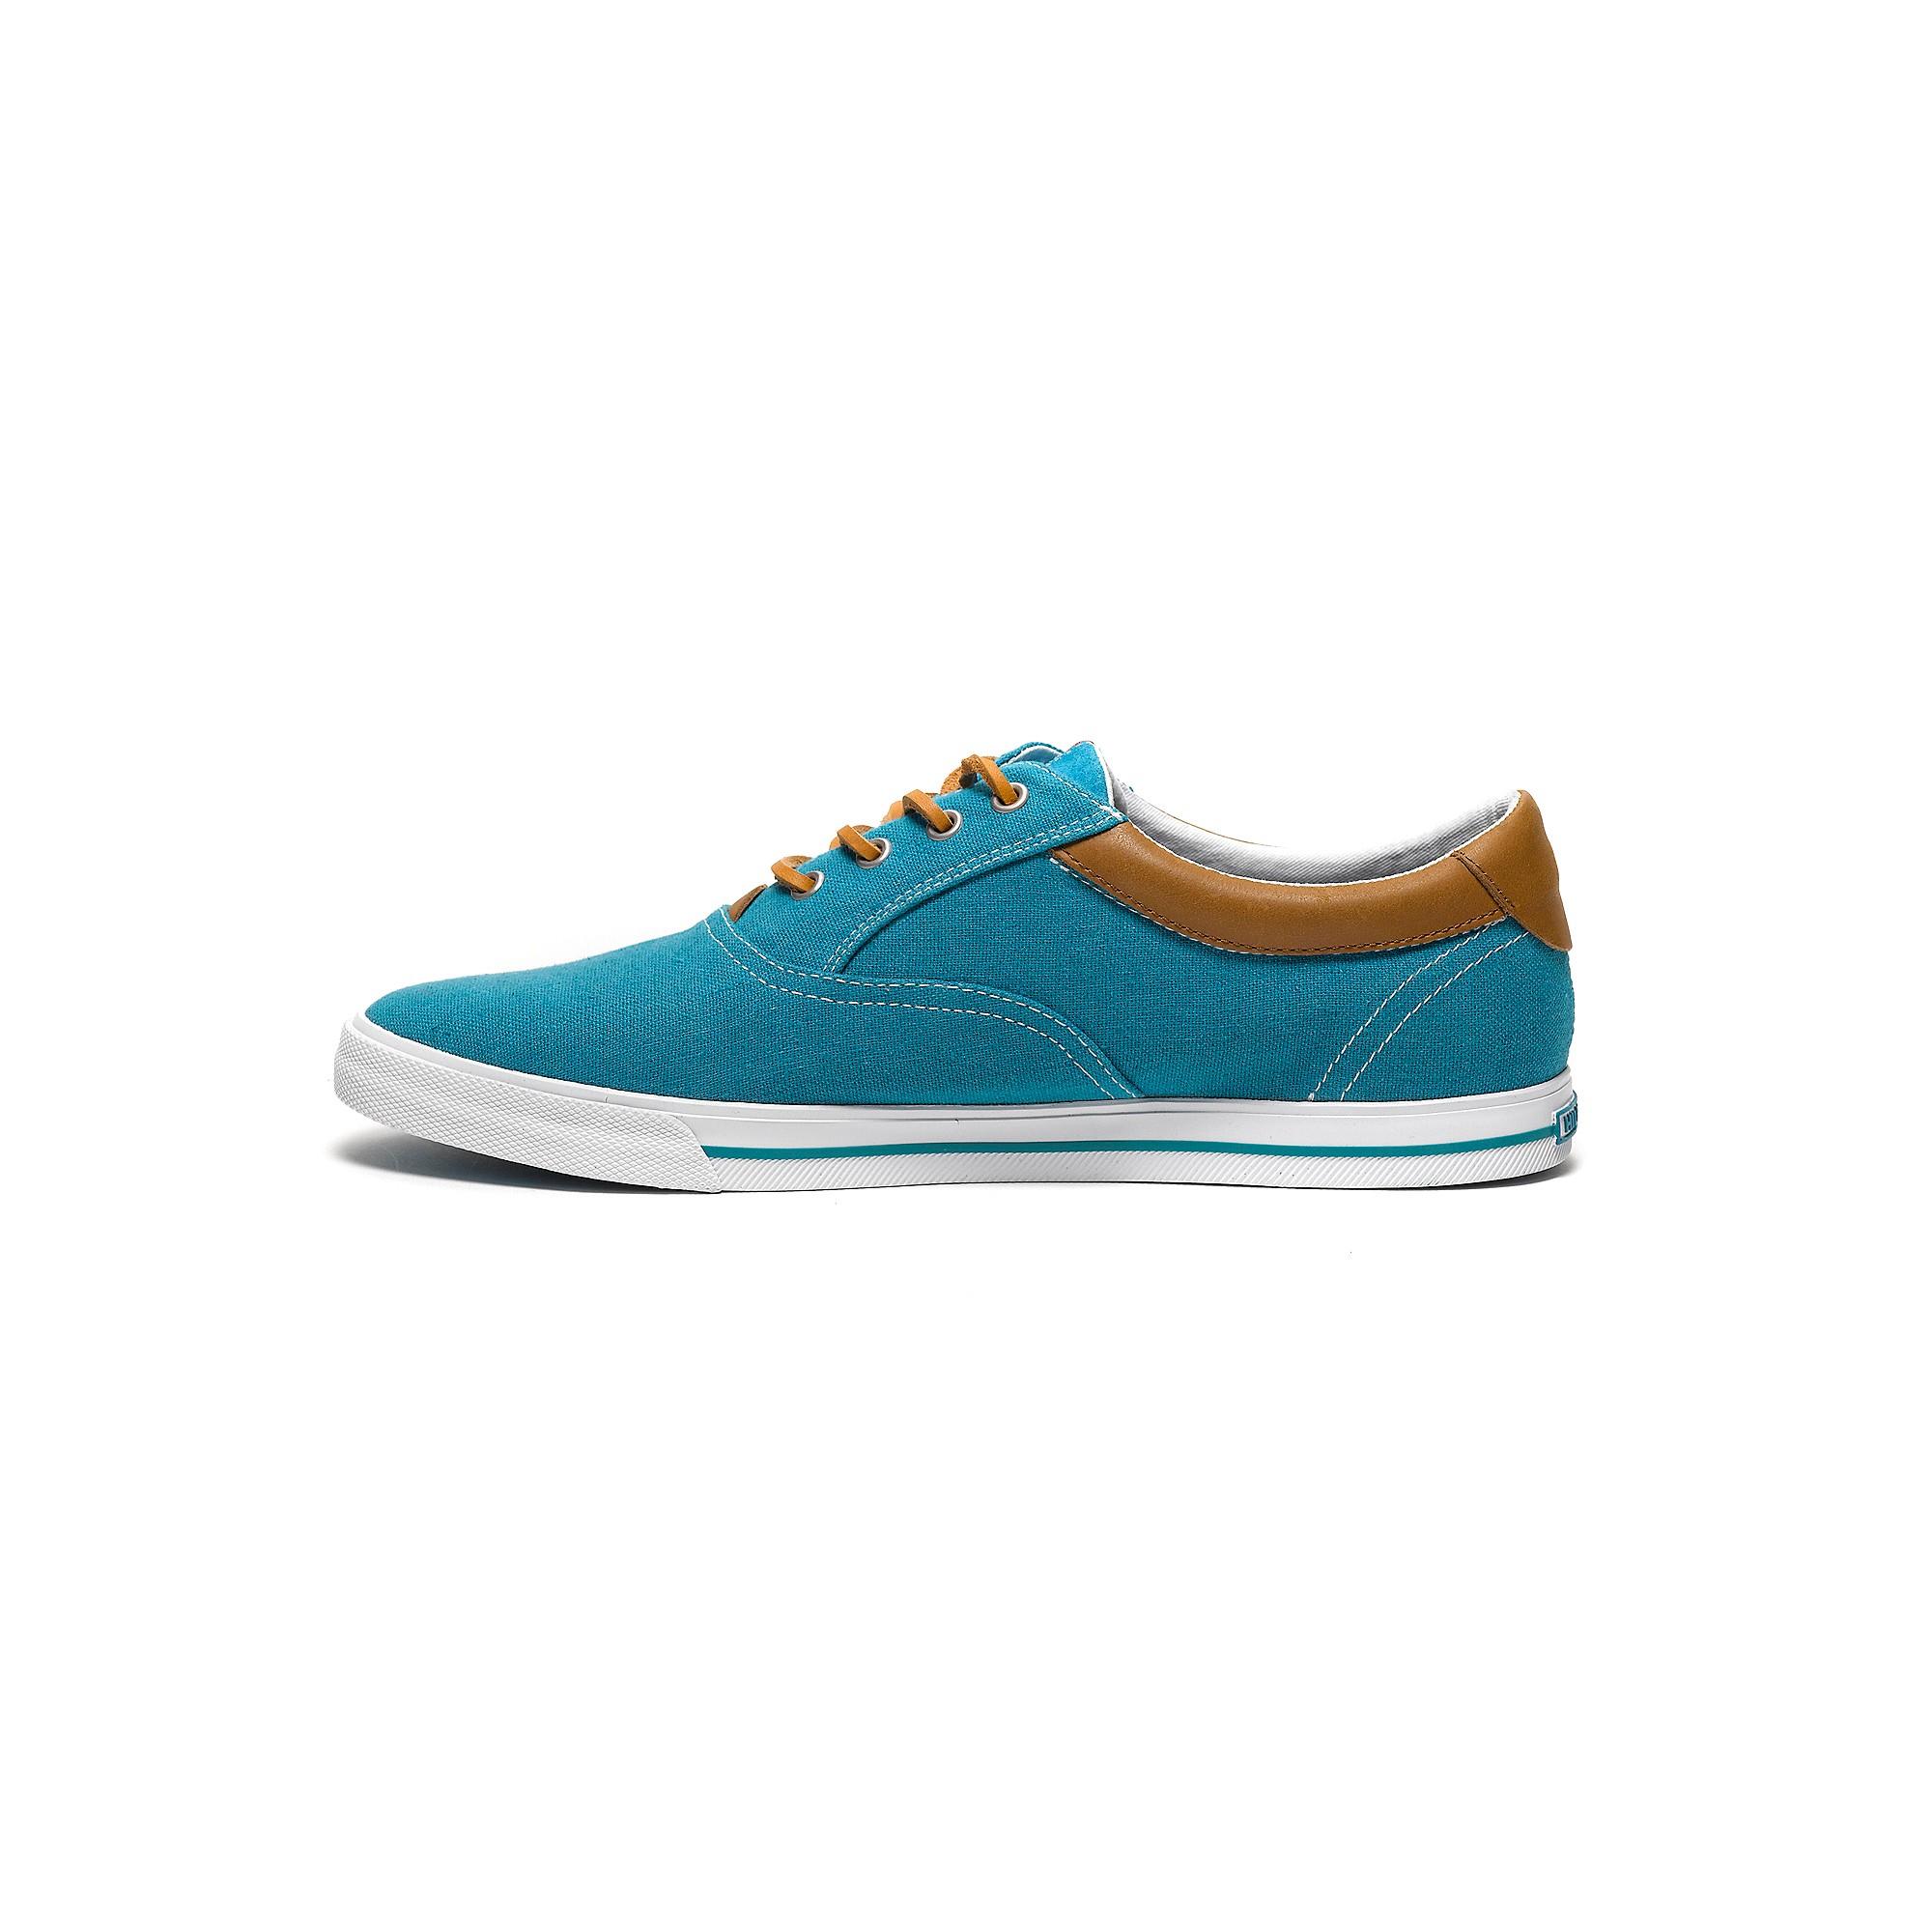 tommy hilfiger boating sneaker in blue for men algiers. Black Bedroom Furniture Sets. Home Design Ideas